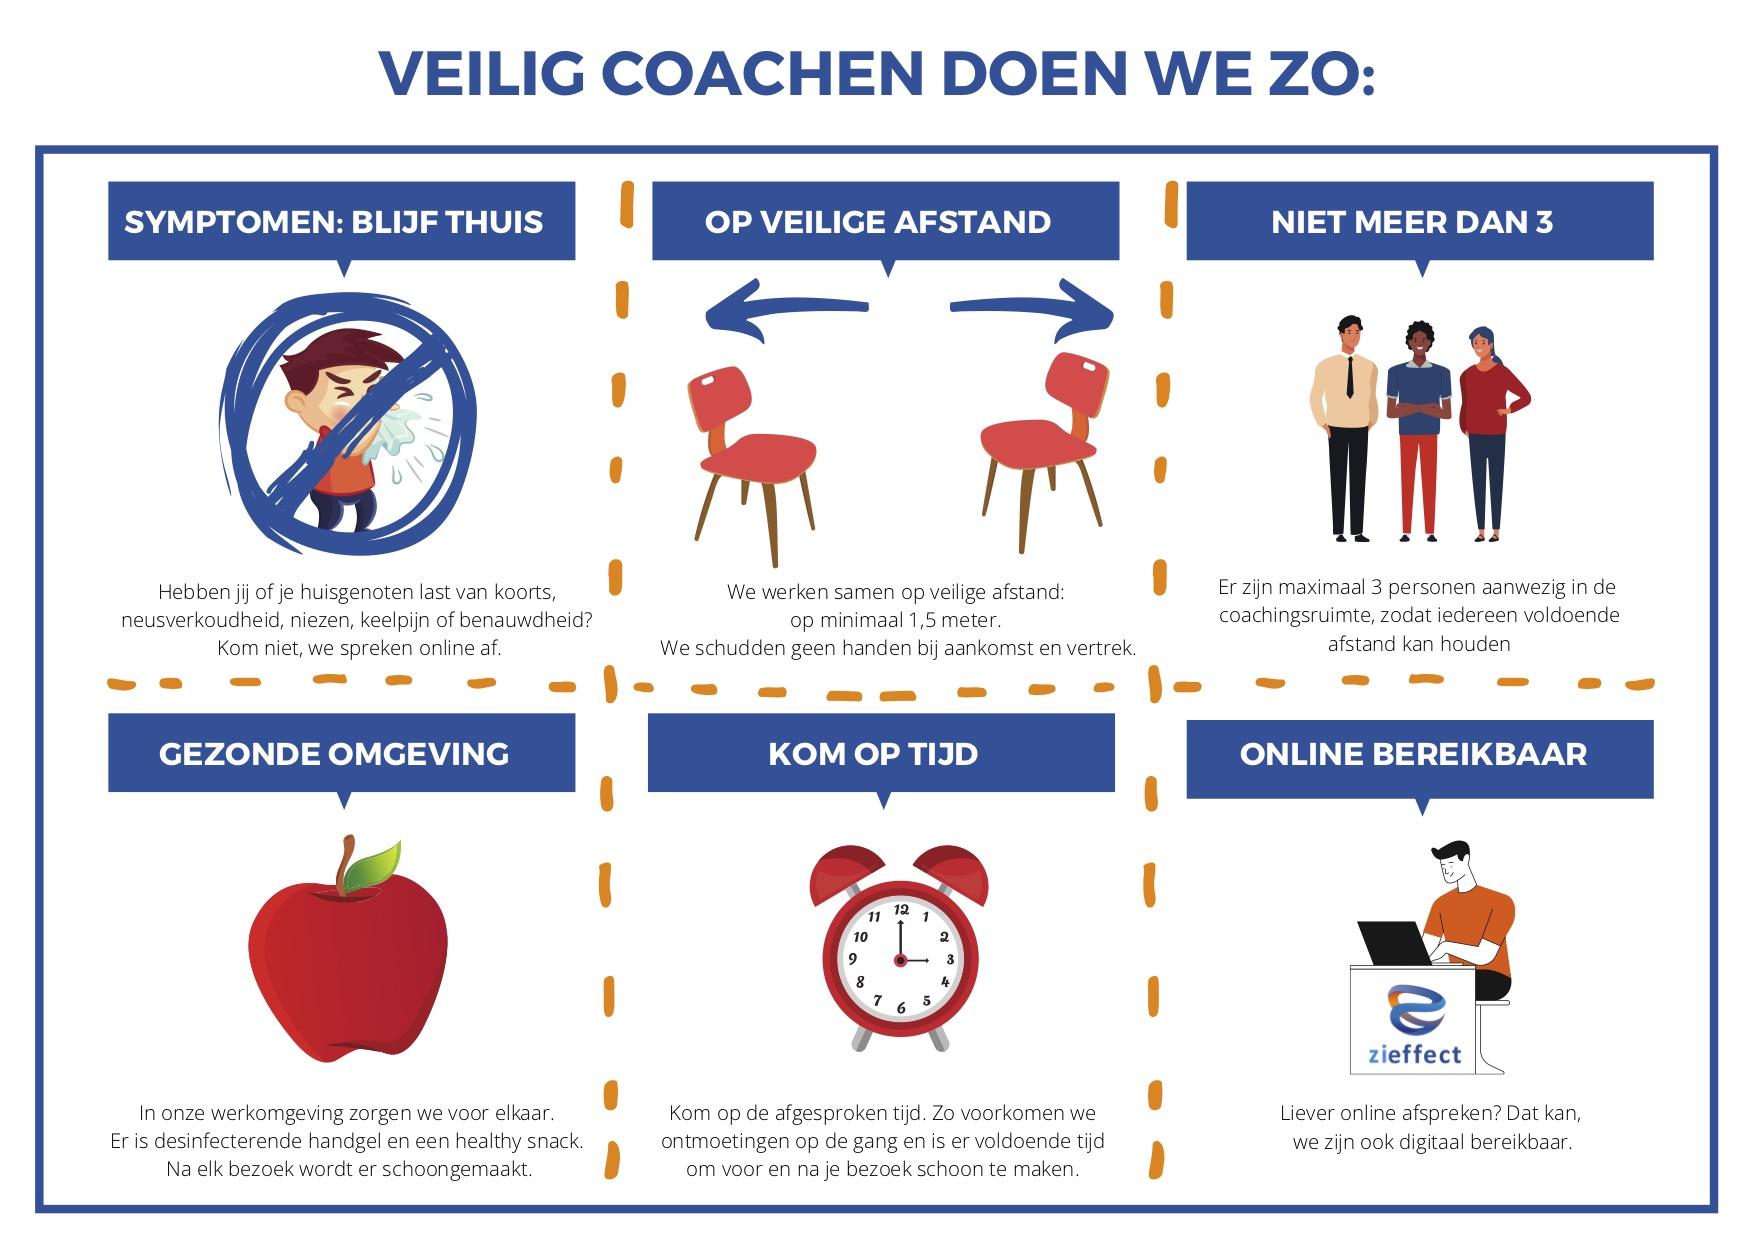 Zieffect - veilig coachen